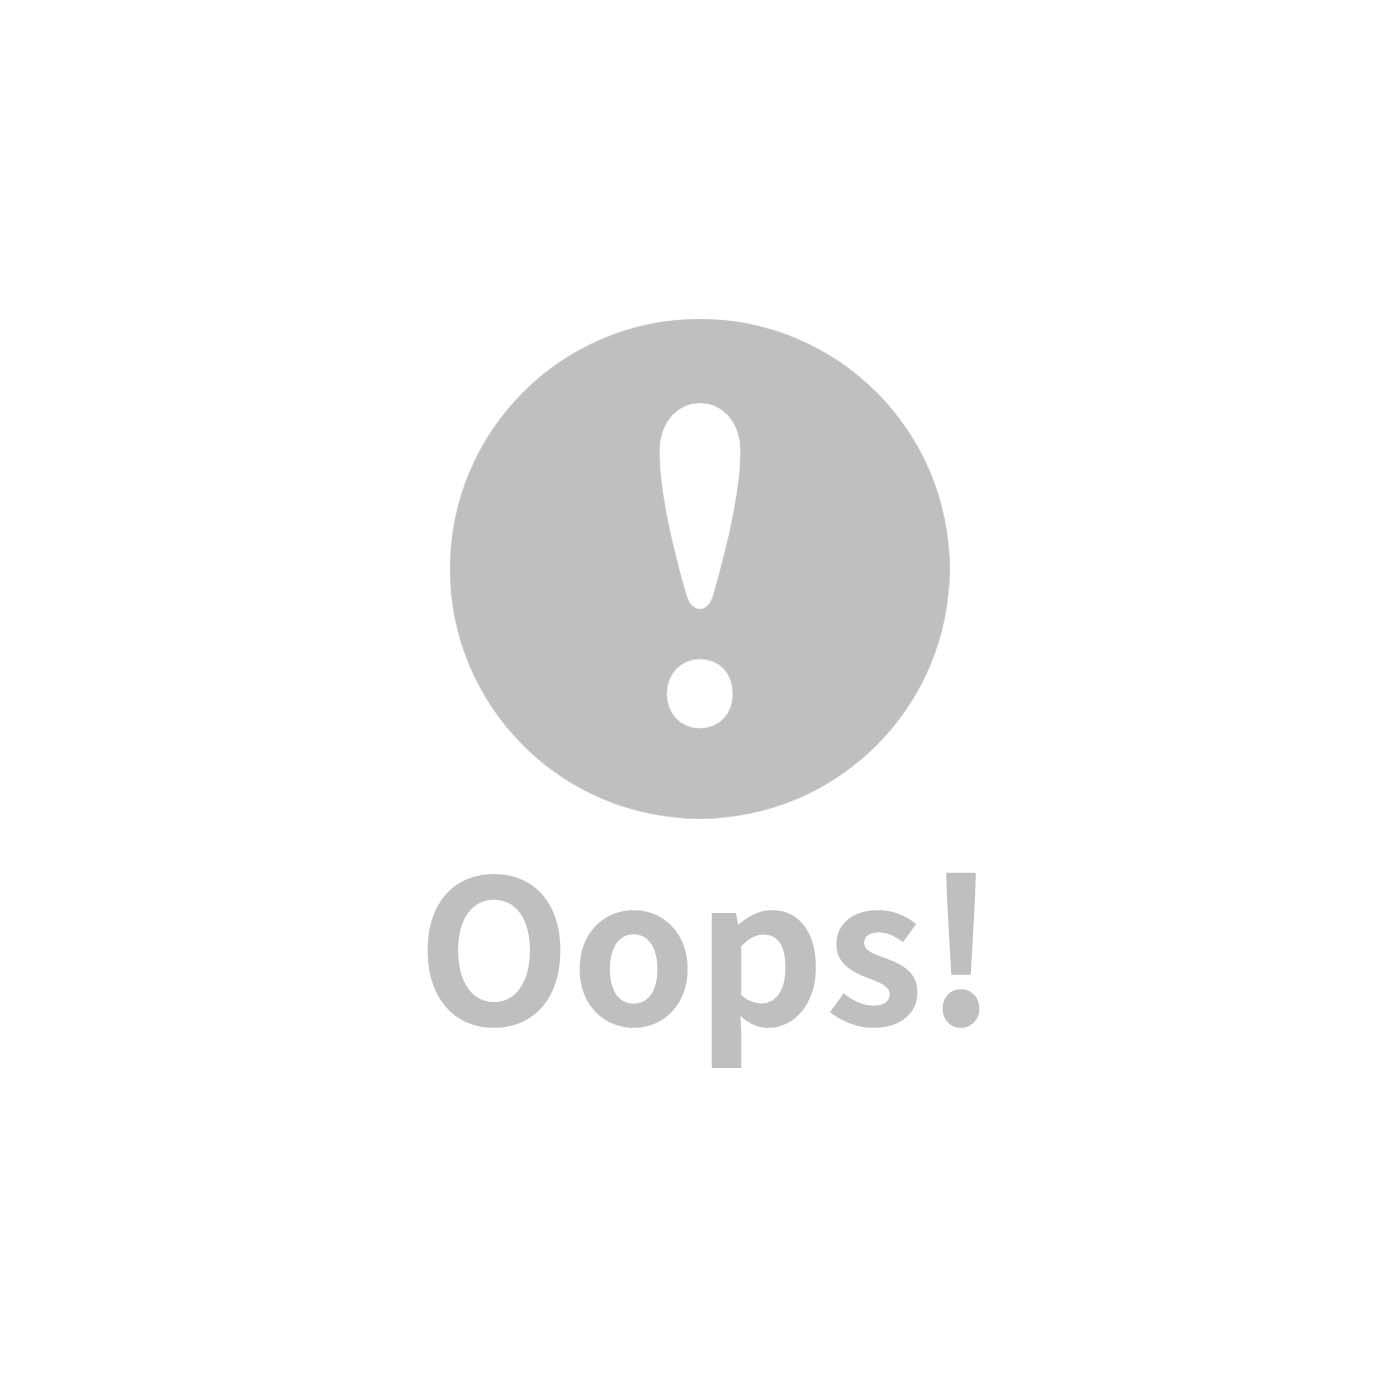 【韓國 lolbaby】Hi Jell-O涼感蒟蒻枕頭_防水隔尿款 (珊瑚塗鴉)